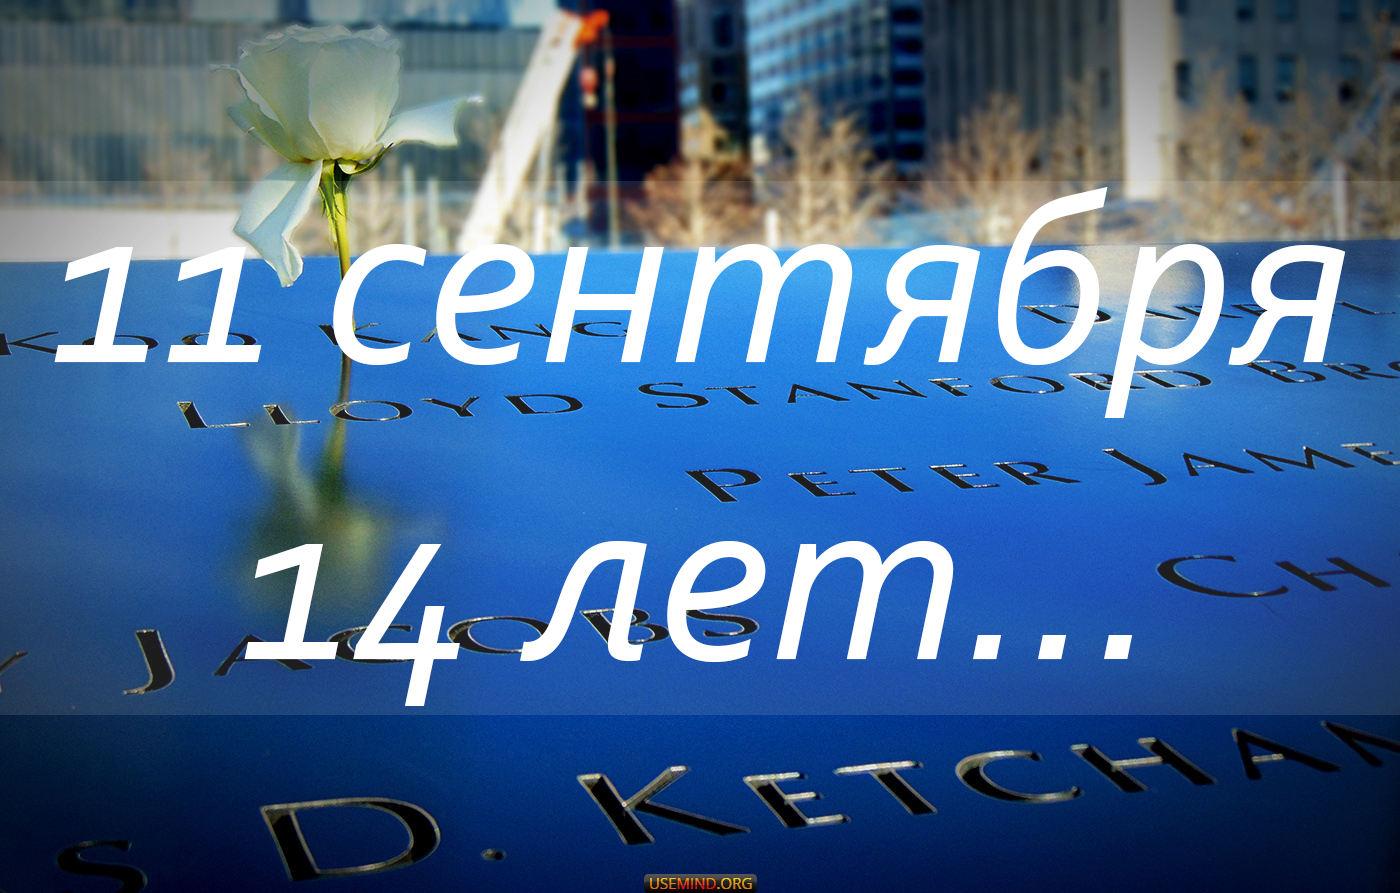 11 сентября... Ровно 14 лет с той ужасающей даты...